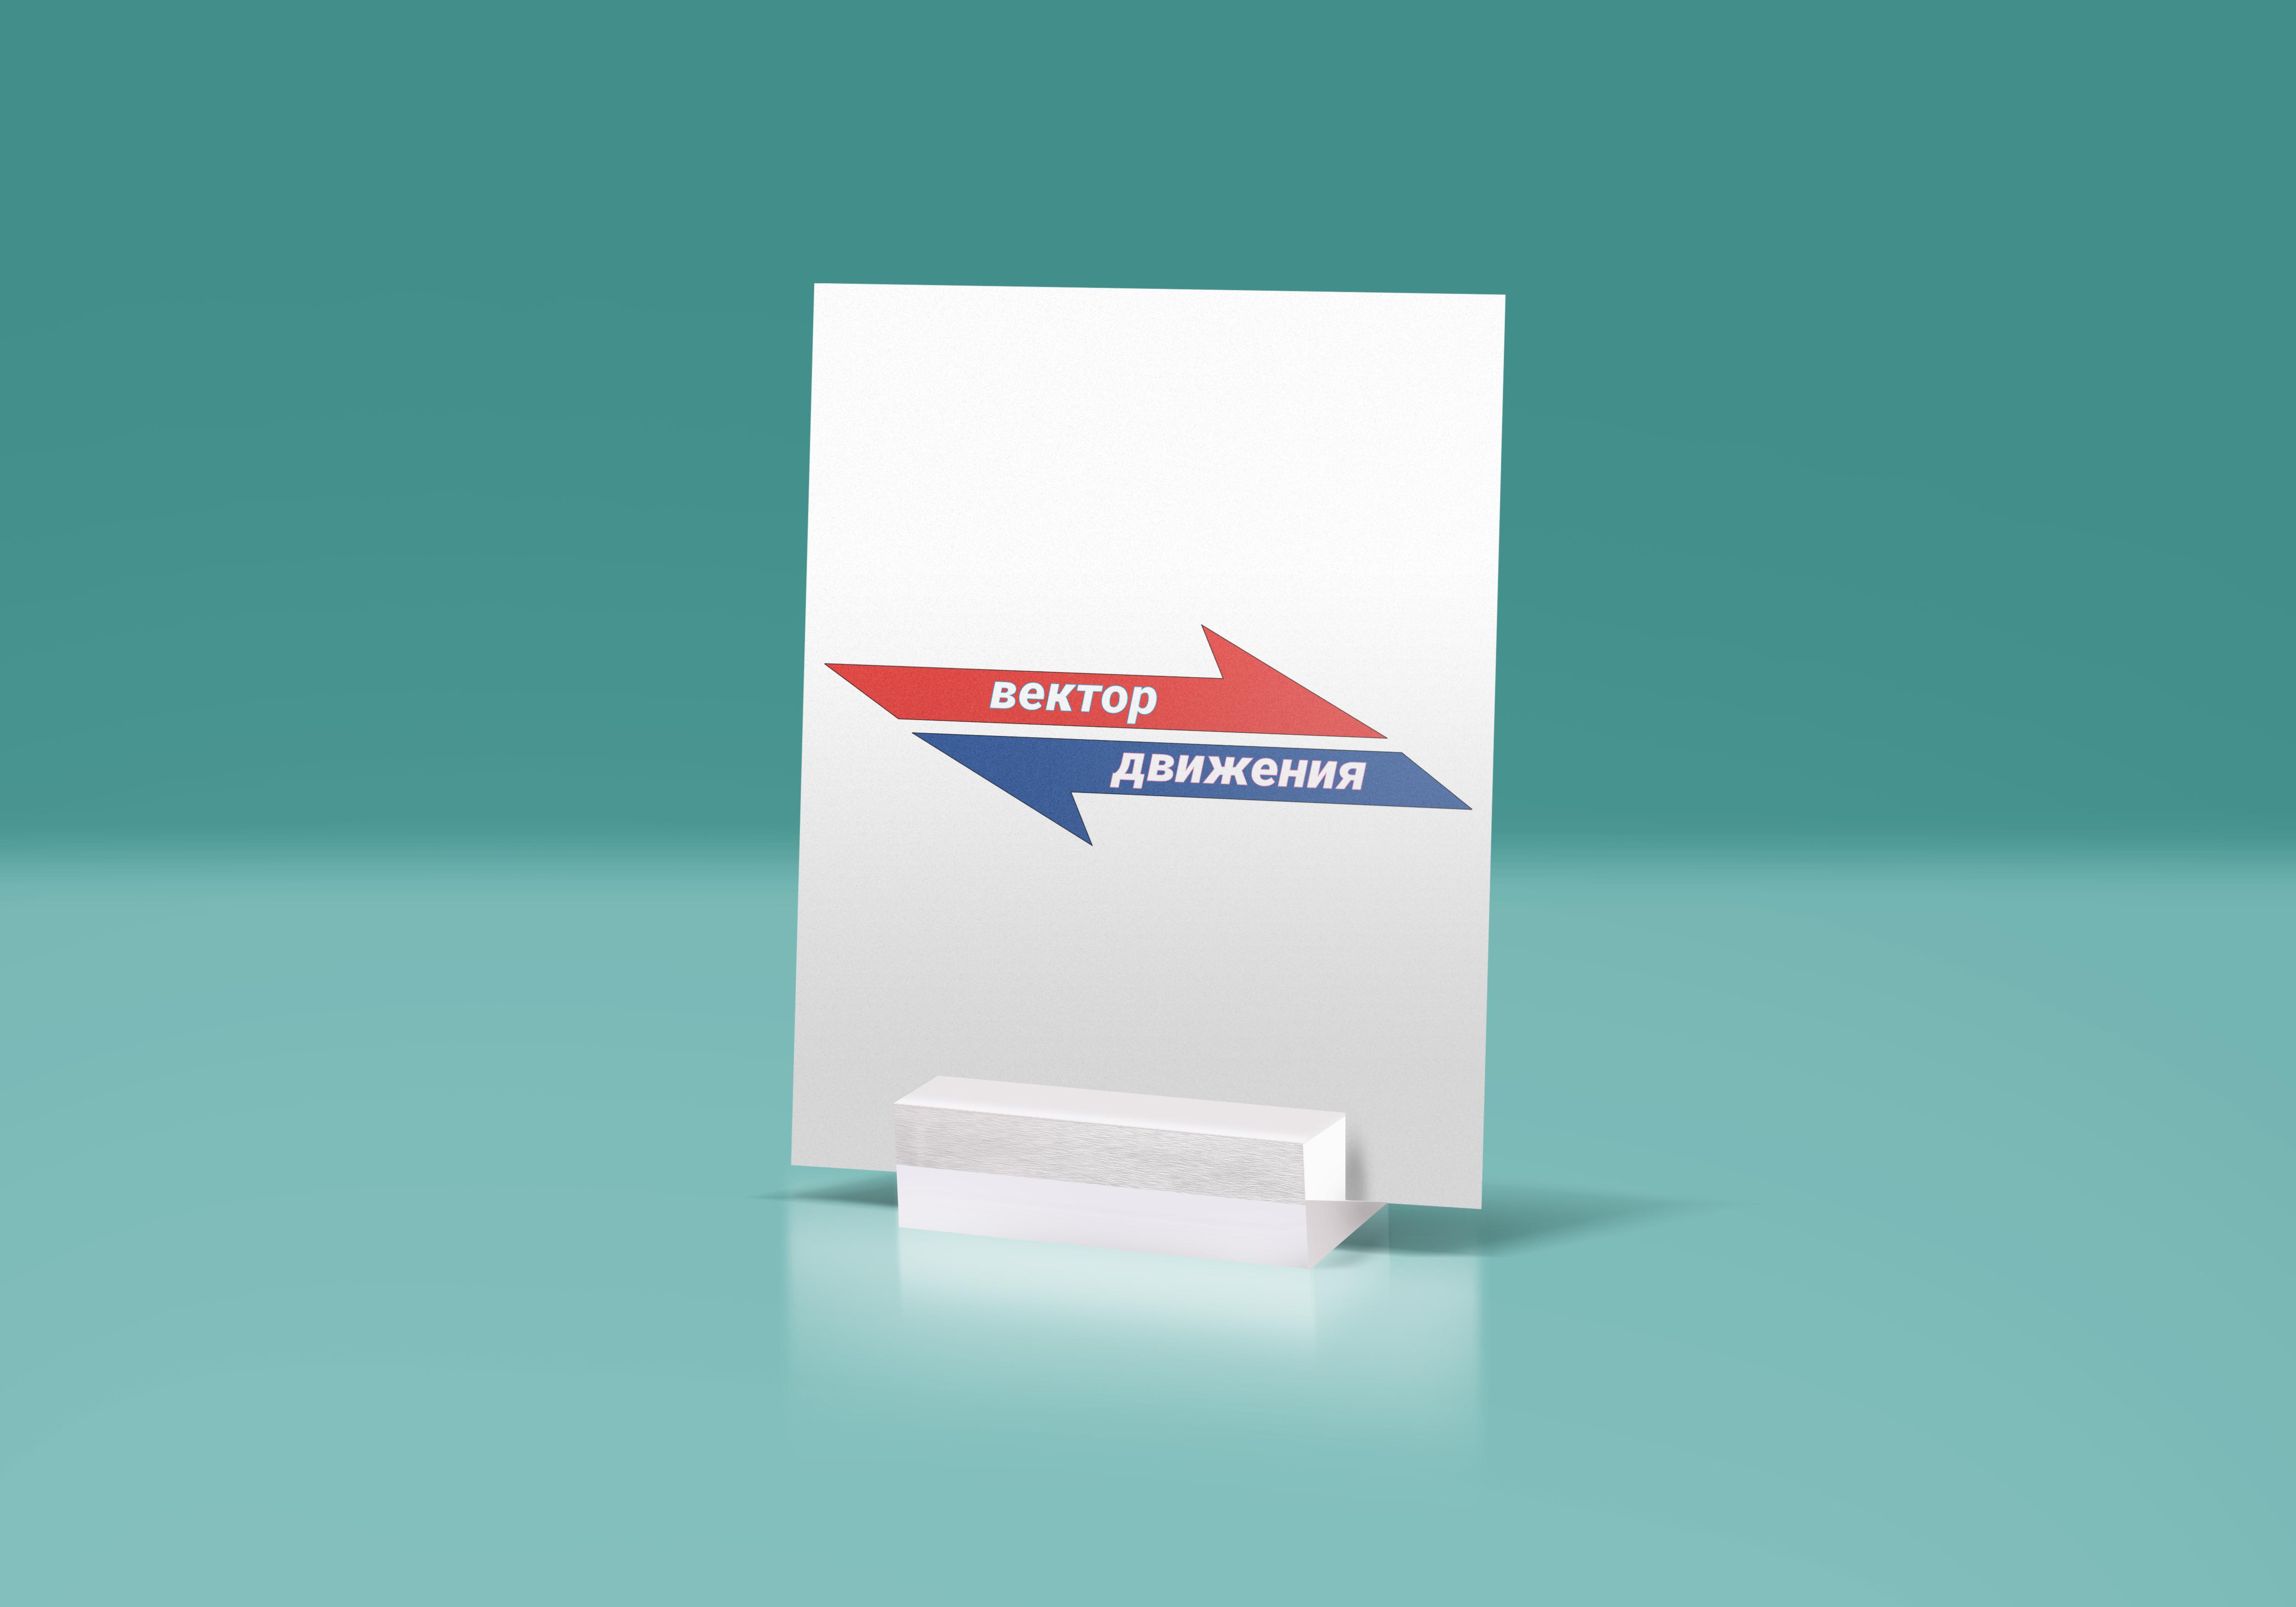 Разработка логотипа фото f_7705c38a80b364e5.jpg